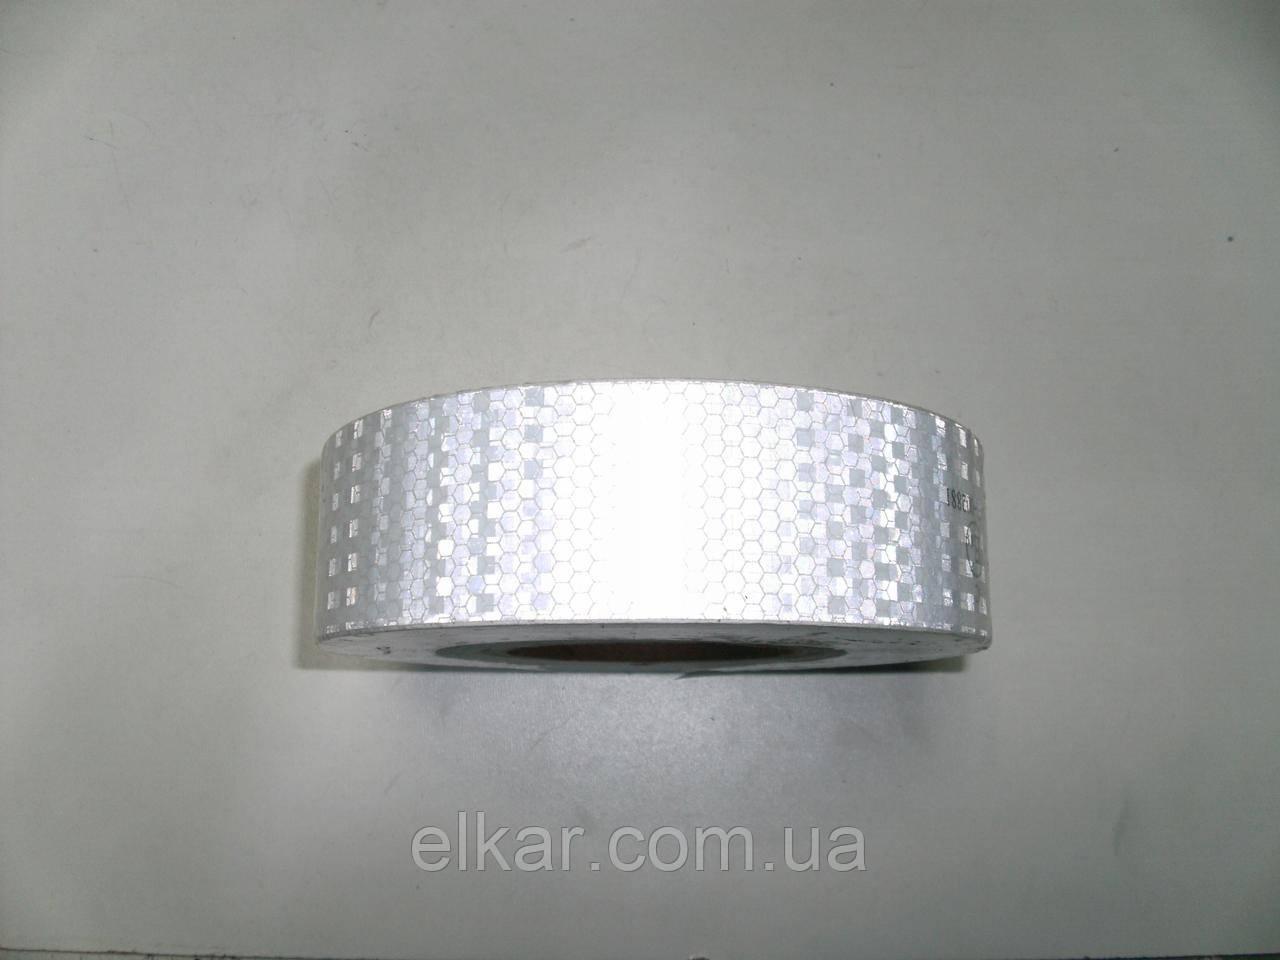 Стрічка світловідбівна полімерна біла (рулон)